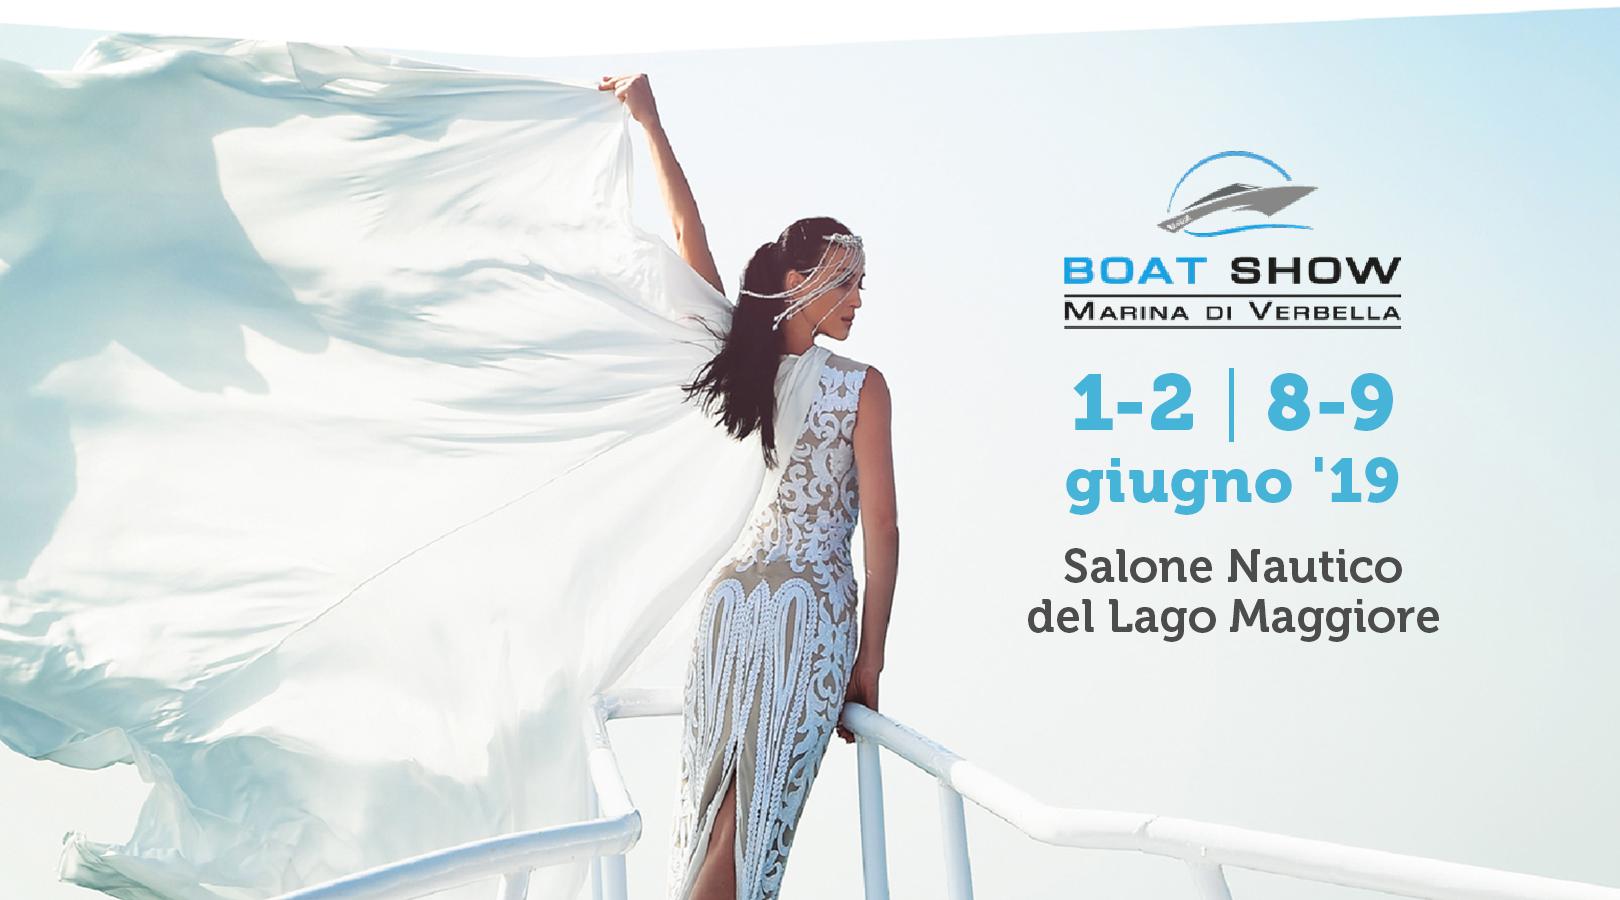 Locandina Boat Show 2019